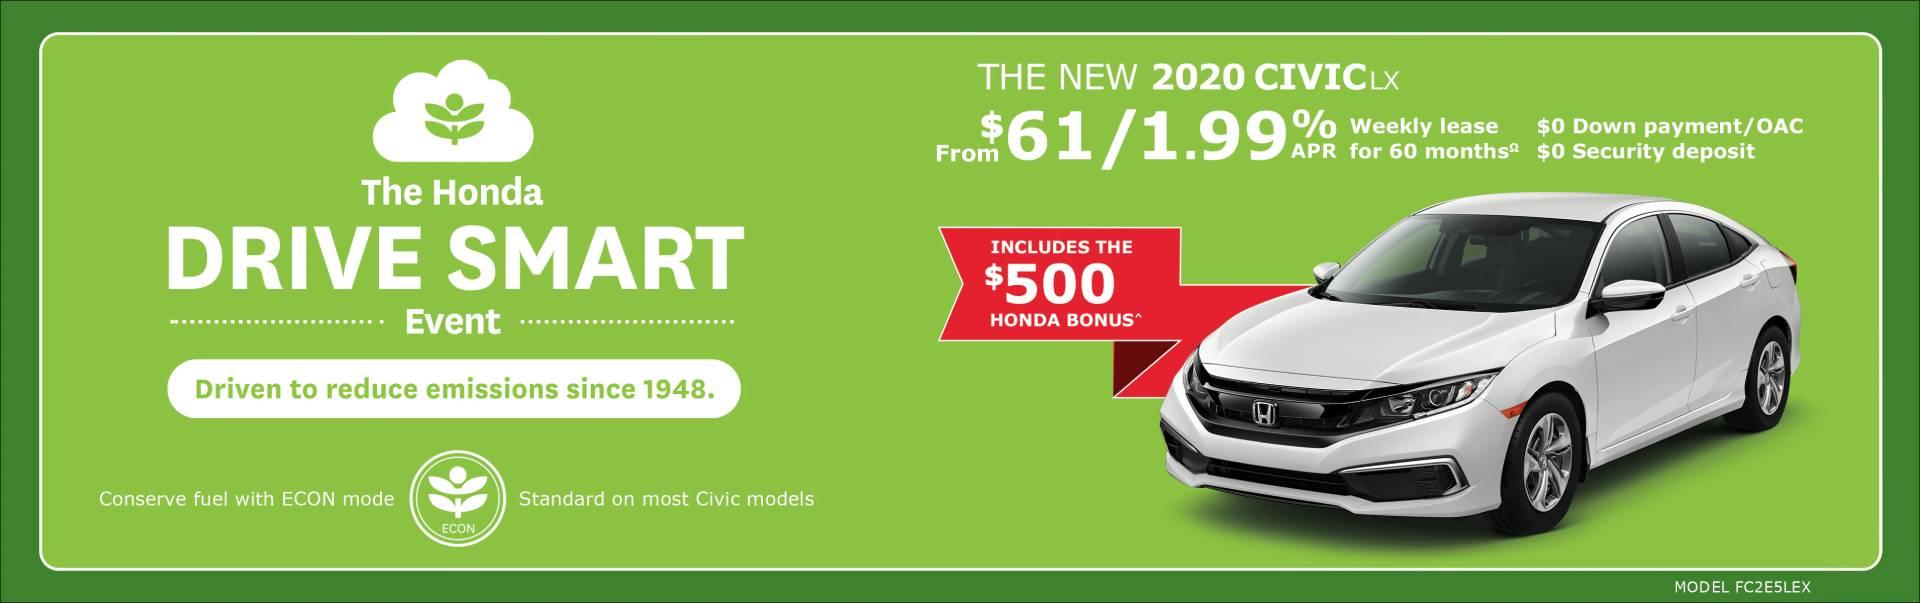 2020 Honda Civic at Richmond Hill Honda in Toronto and the GTA